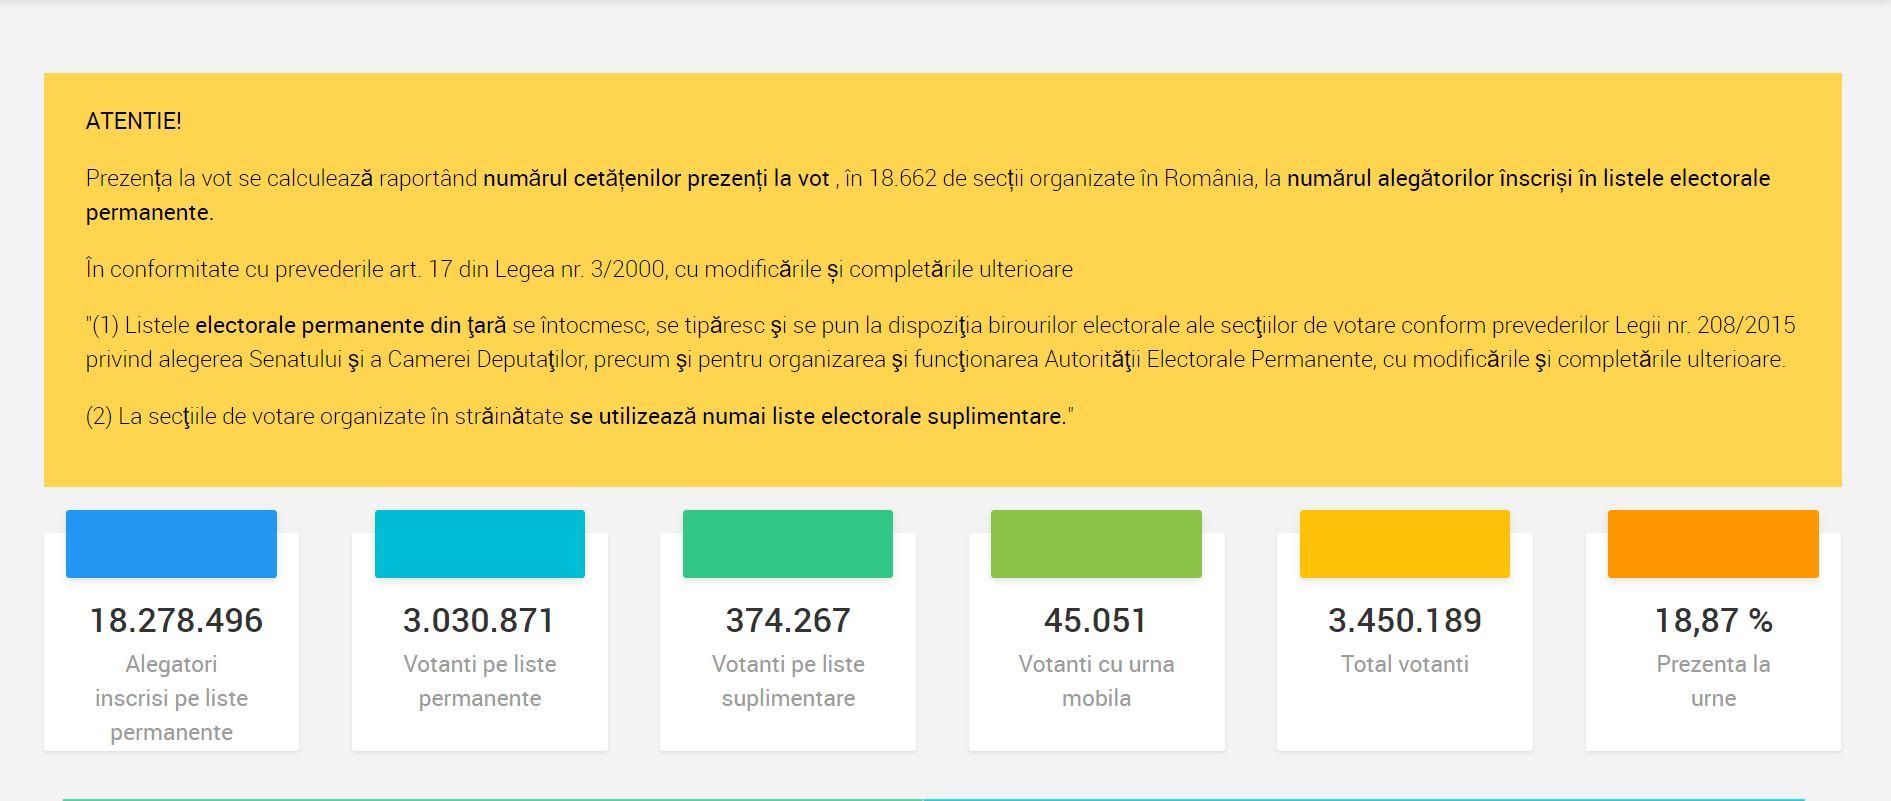 Așa arătau datele la ora 20.30, estimând prezența la vot, conform BEC, până la ora 19.00